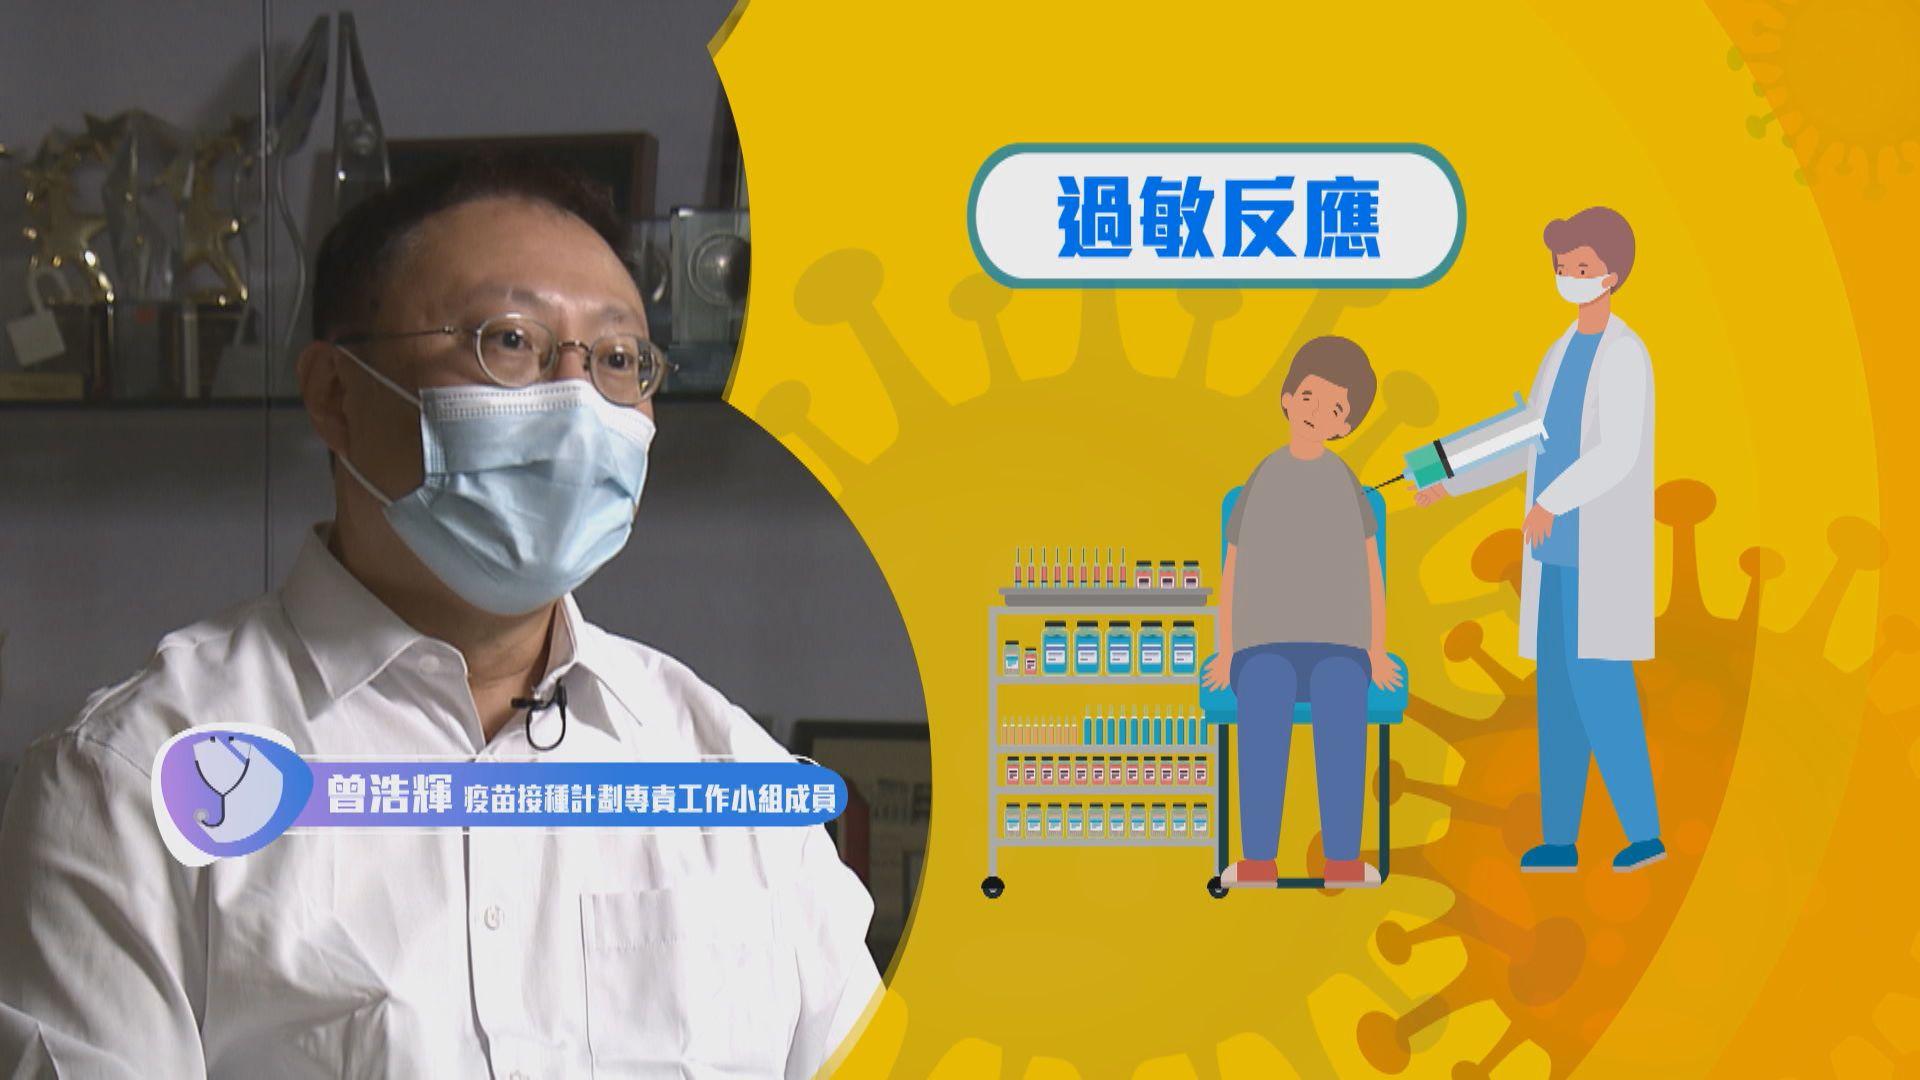 【疫苗知多啲】監察疫苗副作用